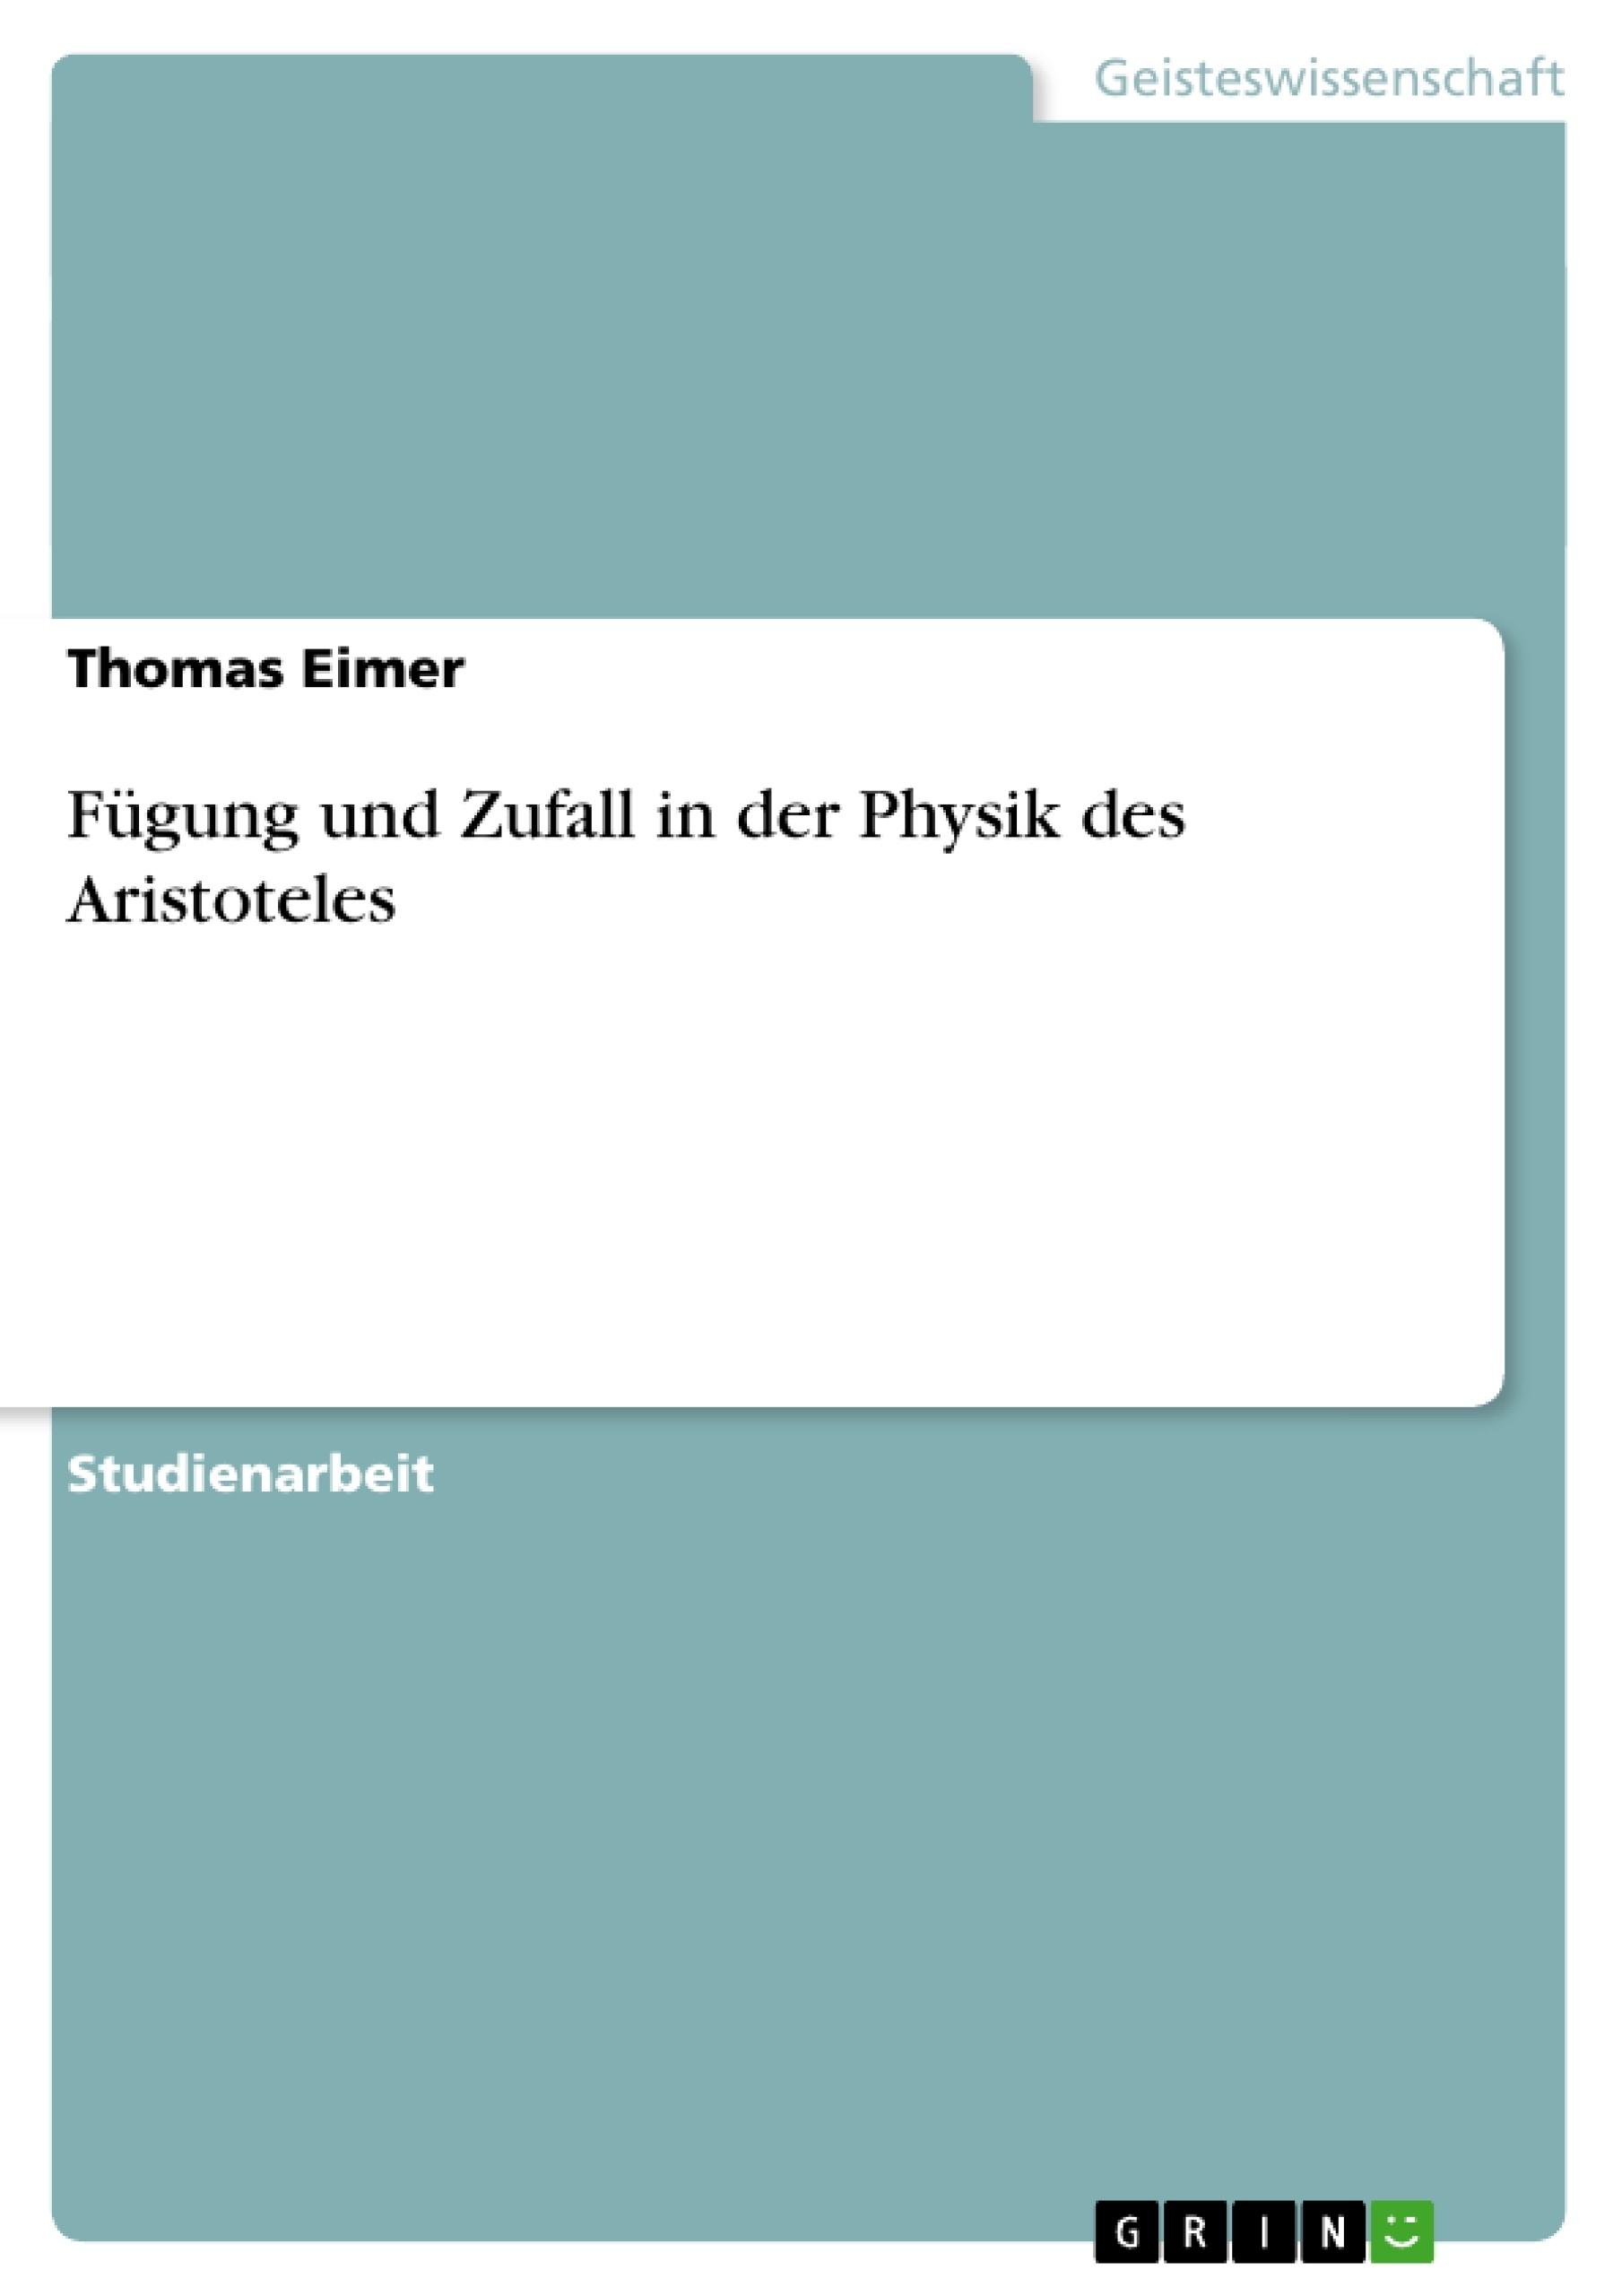 Titel: Fügung und Zufall in der Physik des Aristoteles